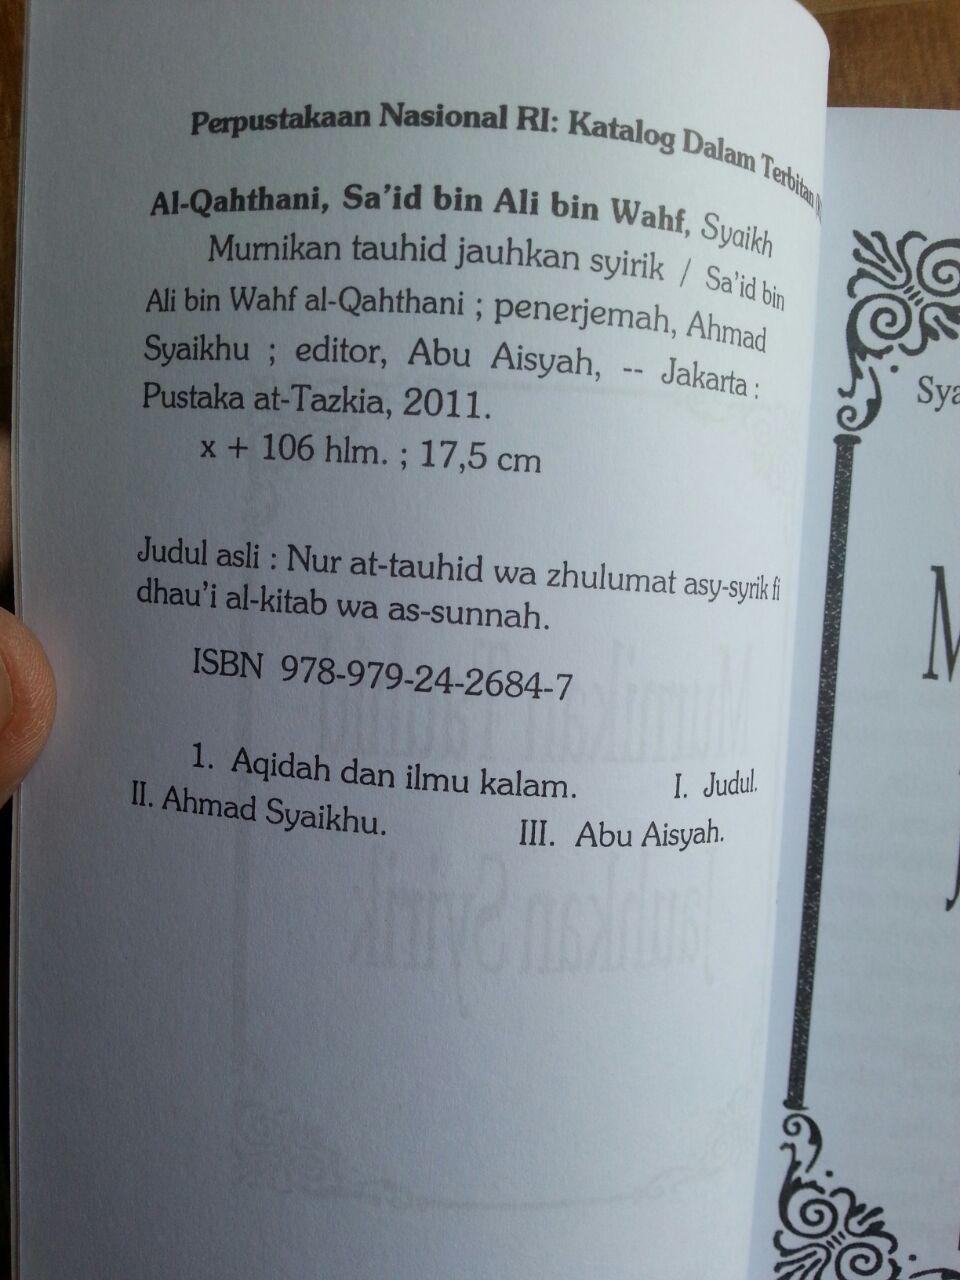 Buku Murnikan Tauhid Jauhkan Syirik isi 3